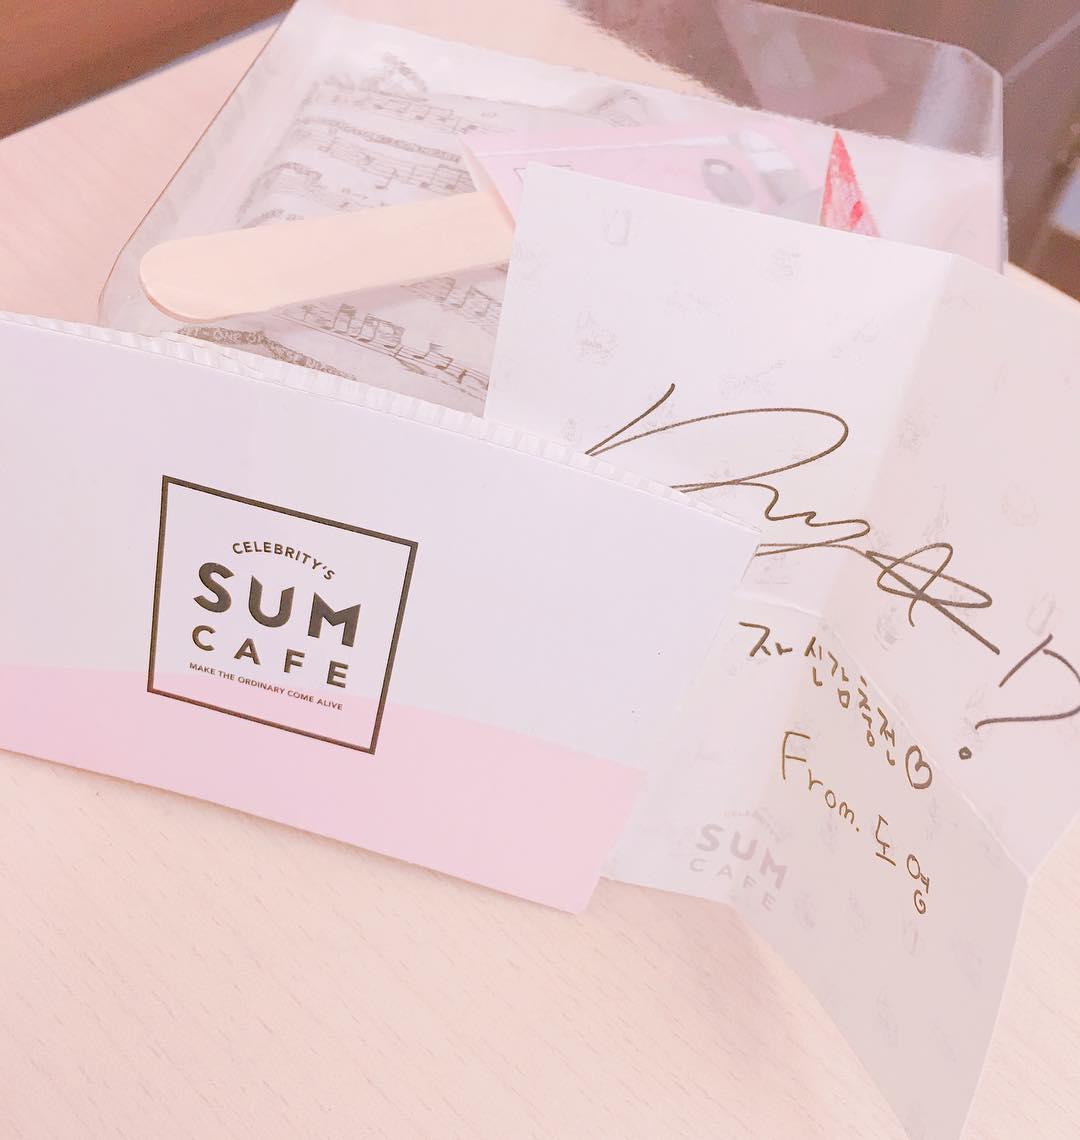 韓国で大人気のSMエンターテイメントのカフェが表参道に!